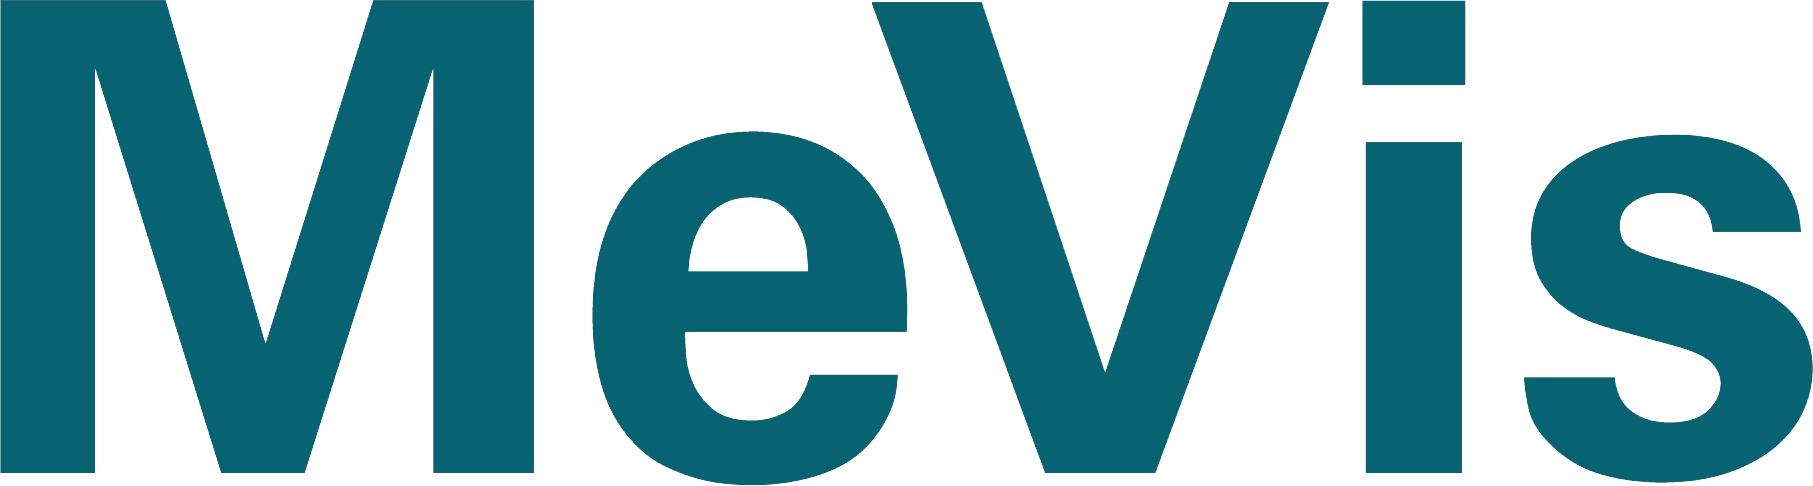 MeVis logo